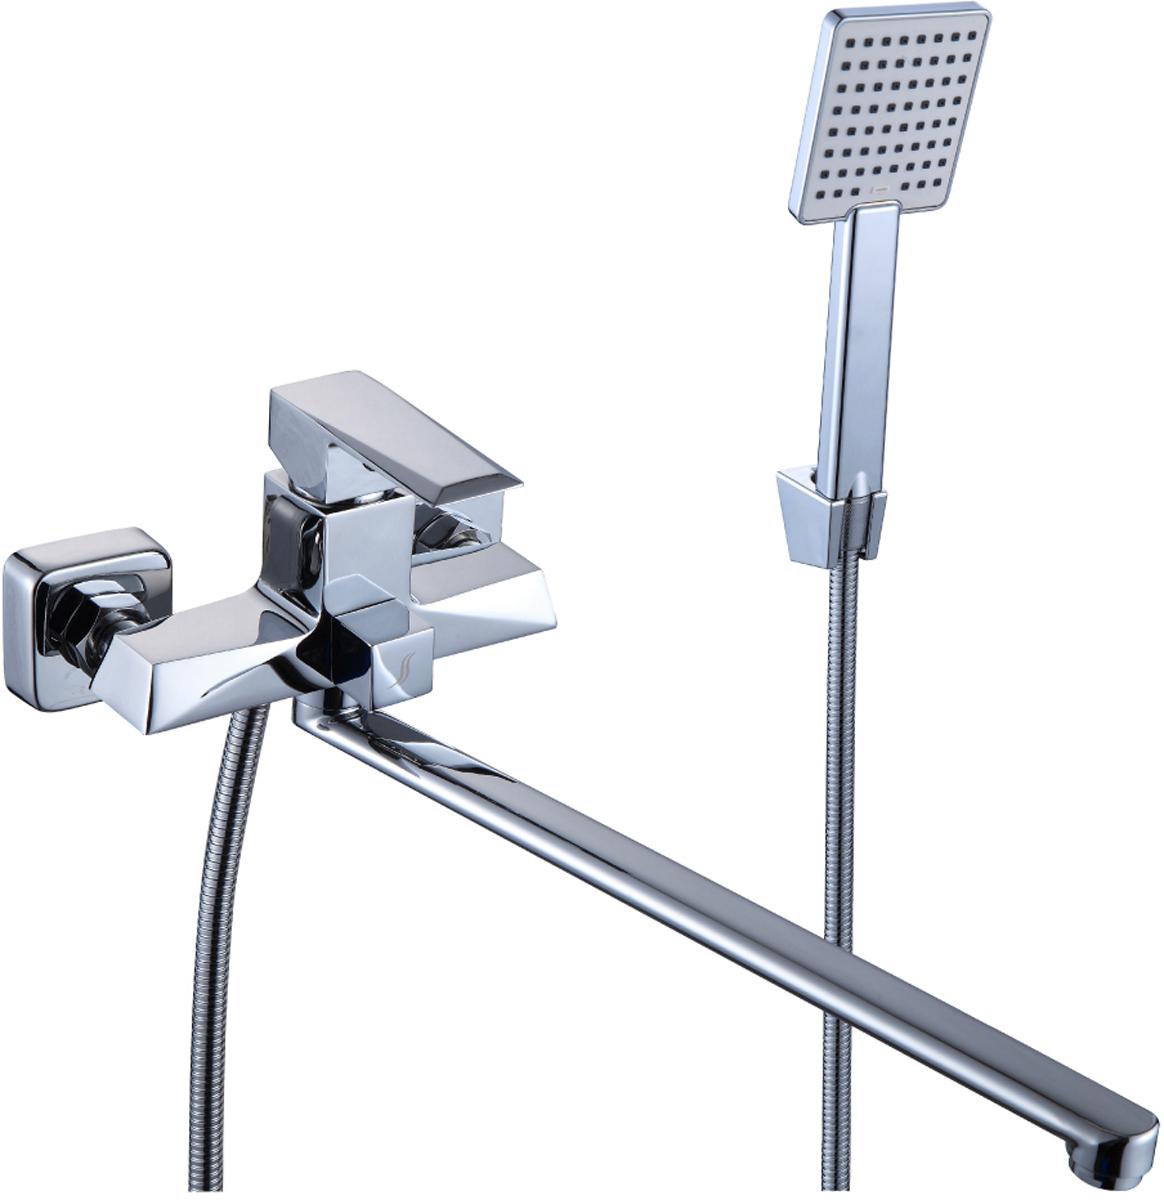 Смеситель Rossinka RS38-32, для ванны универсальныйRS38-32RS38-32. Смеситель универсальный с плоским поворотным изливом 350 мм.Комплектация:• пластиковый аэратор с функцией легкой очистки• керамический картридж 35 мм• переключатель с керамическими пластинами• аксессуары в комплекте (шланг 1,5 м, 3-функциональная лейка с функцией легкой очистки, 2-х позиционный держатель для лейки)• присоединительная группа (эксцентрики с отражателями) для вертикального крепления• металлическая рукояткаСмесители Rossinka были разработаны российским институтом «НИИ Сантехники», что позволило произвести продукт, максимально подходящий под условия эксплуатации в нашей стране (жесткая вода, частые перепады температуры и напора воды).«НИИ Сантехники» рекомендует установку смесителей Rossinka в жилых помещениях, в детских, лечебно-профилактических, дошкольных и школьных учреждениях.Наличие международного сертификата ISO 9001 гарантирует стабильность качества выпускаемой продукции.Сервисная сеть насчитывает 90 гарантийных мастерских по России и странам СНГ.Плановый срок службы смесителей 30 лет.Гарантия на смесители 7 лет.